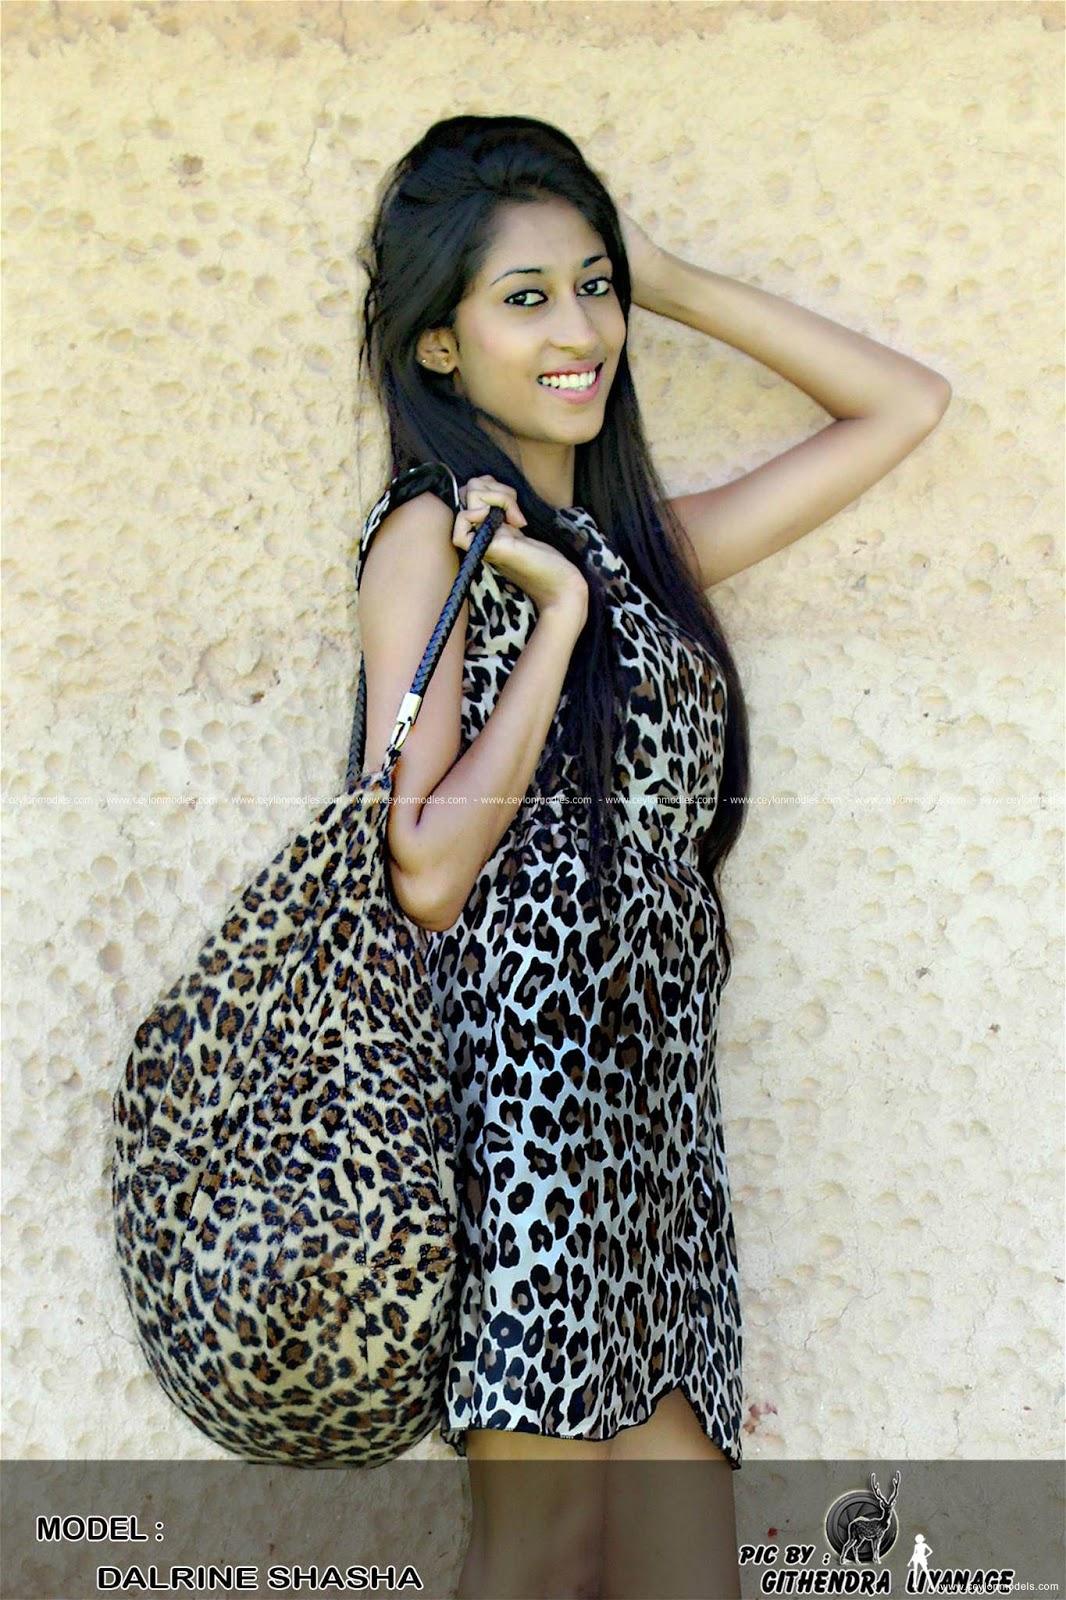 Dalrine Shasha